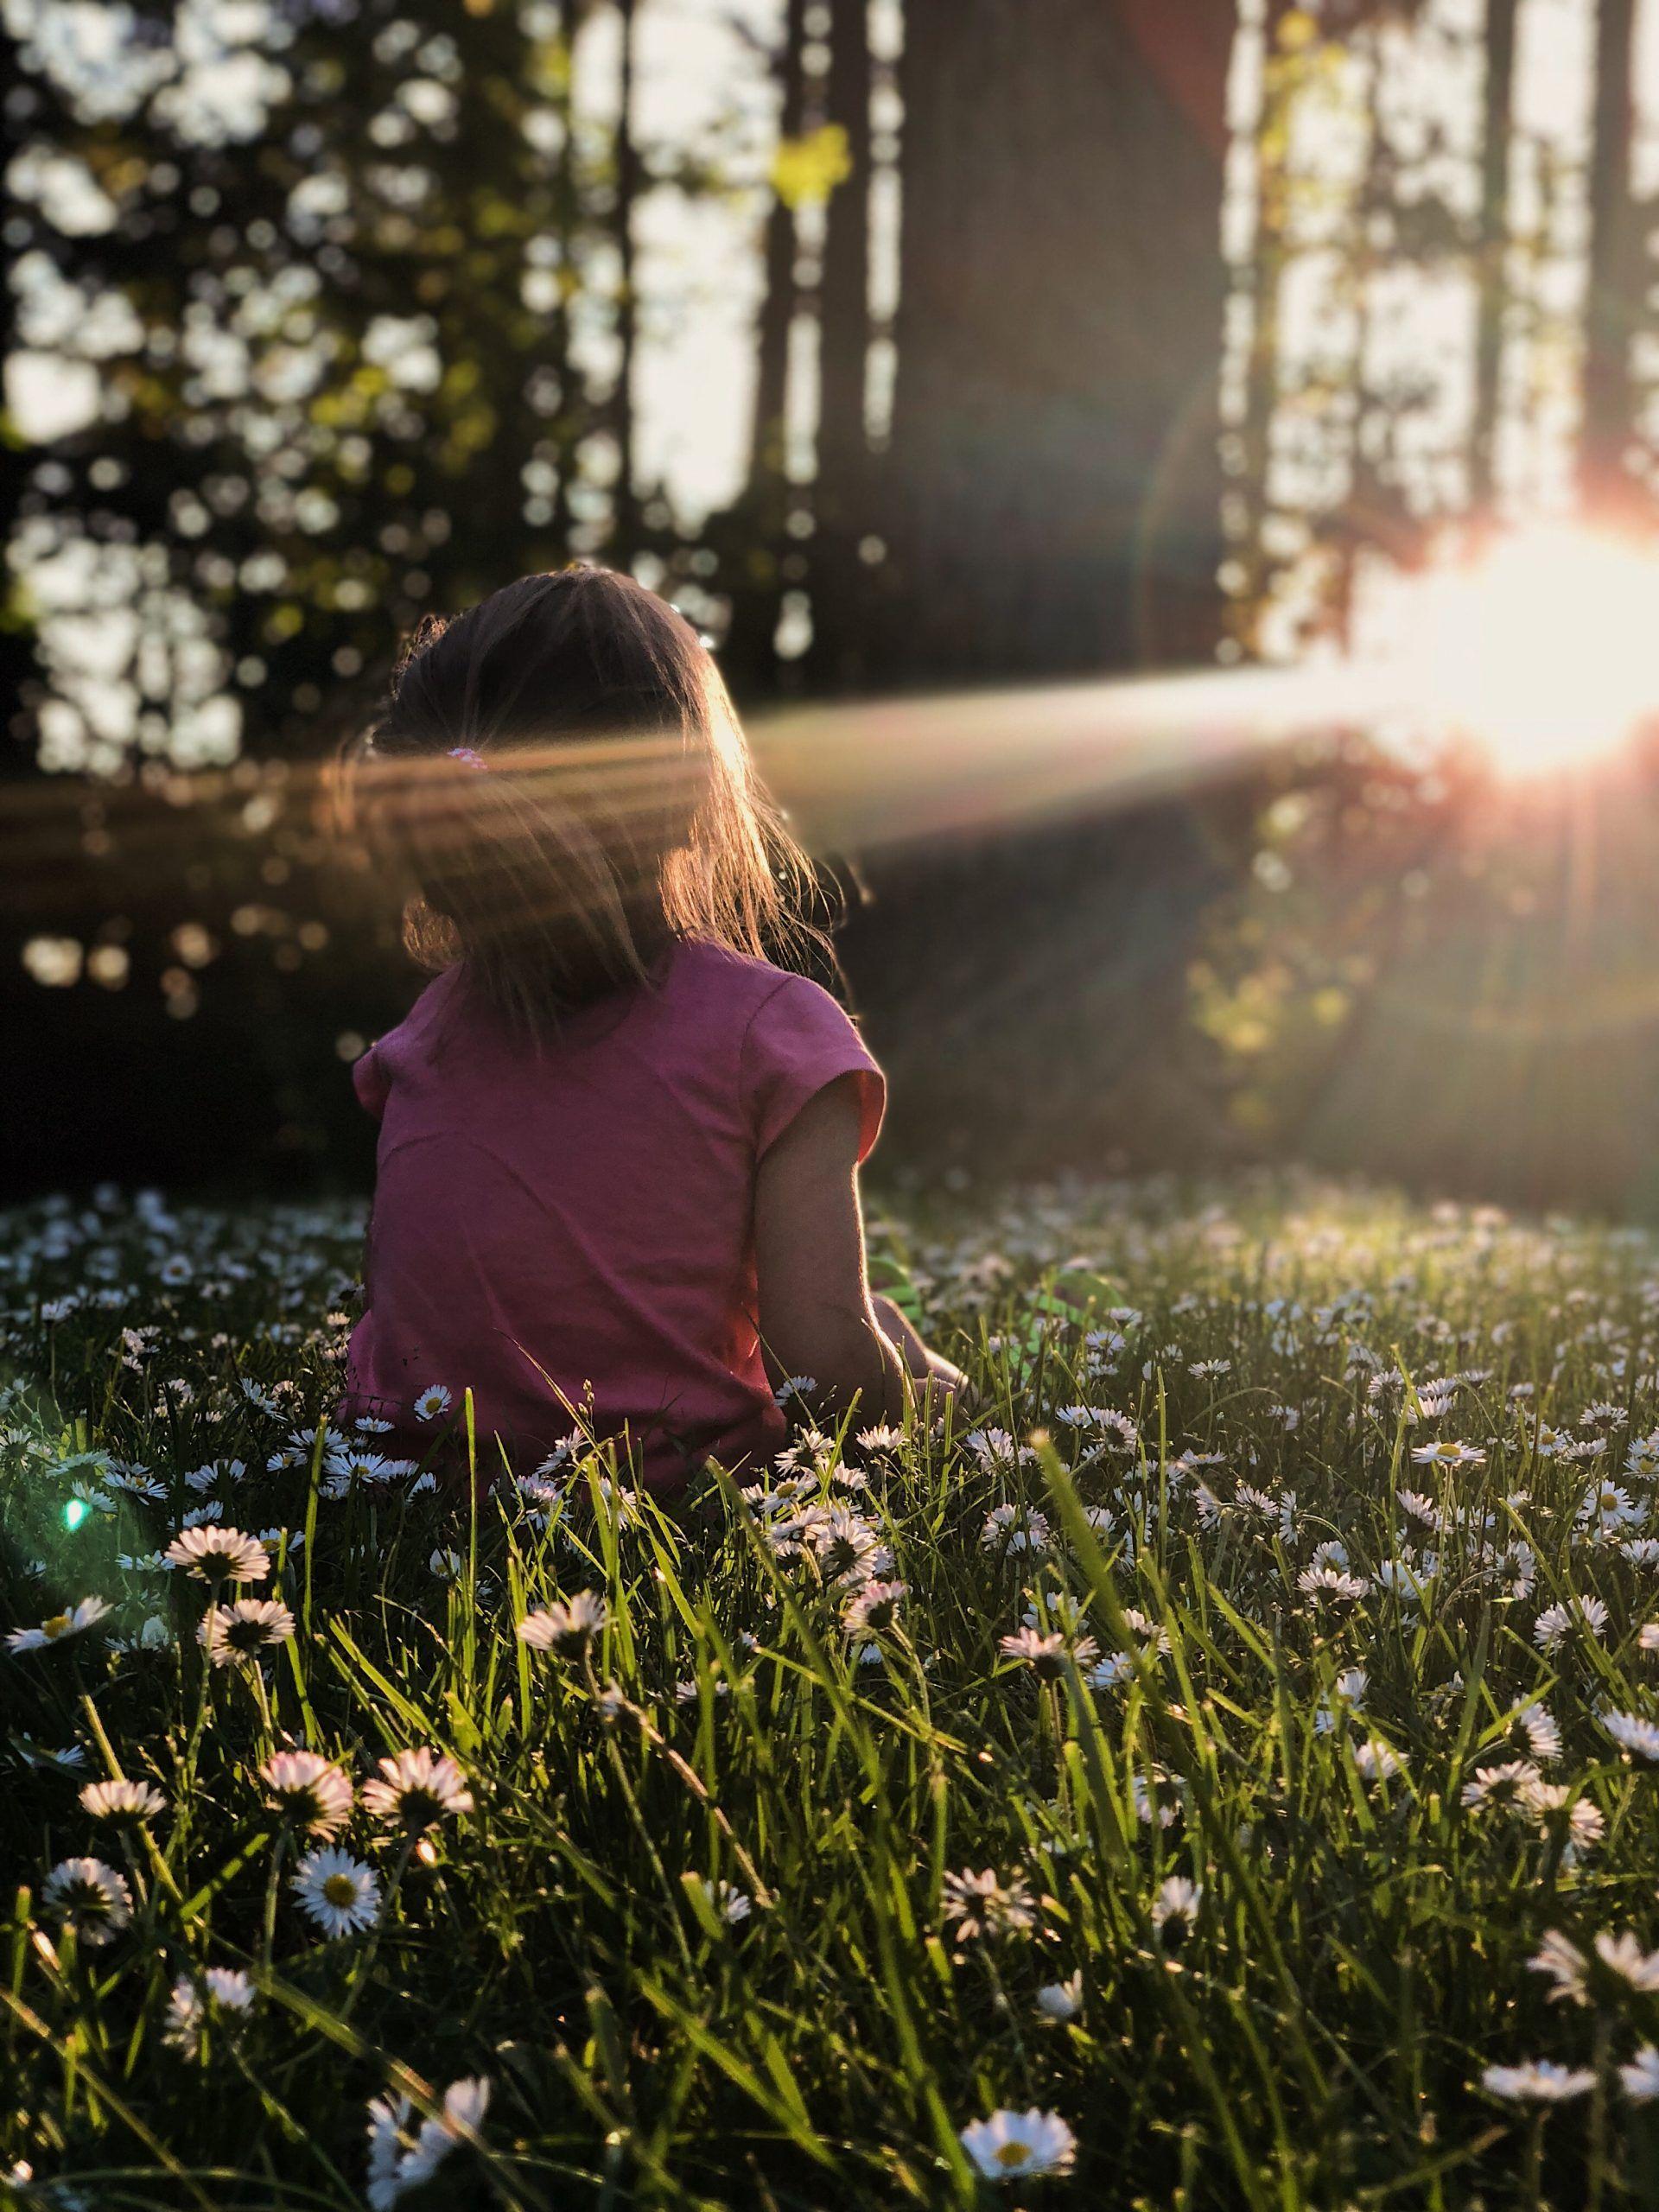 Mediter Avec Les Enfants Benefique Et Simple En 2020 Prendre Soin De Soi Meditation